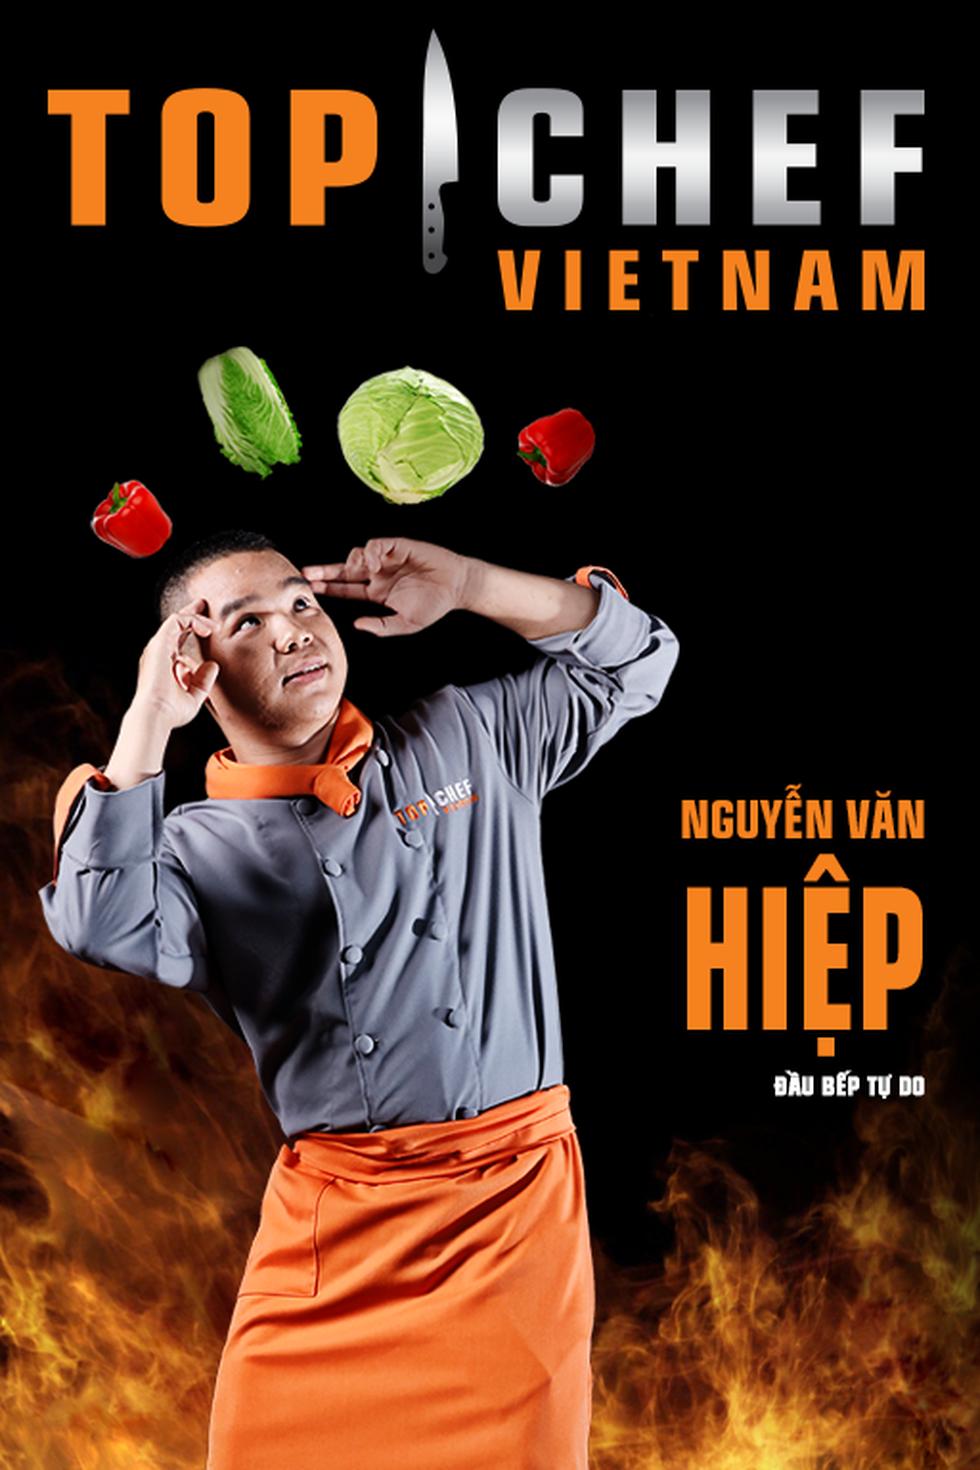 Lộ diện top 14 Đầu bếp thượng đỉnh - Top chef Vietnam 2019 - Ảnh 13.